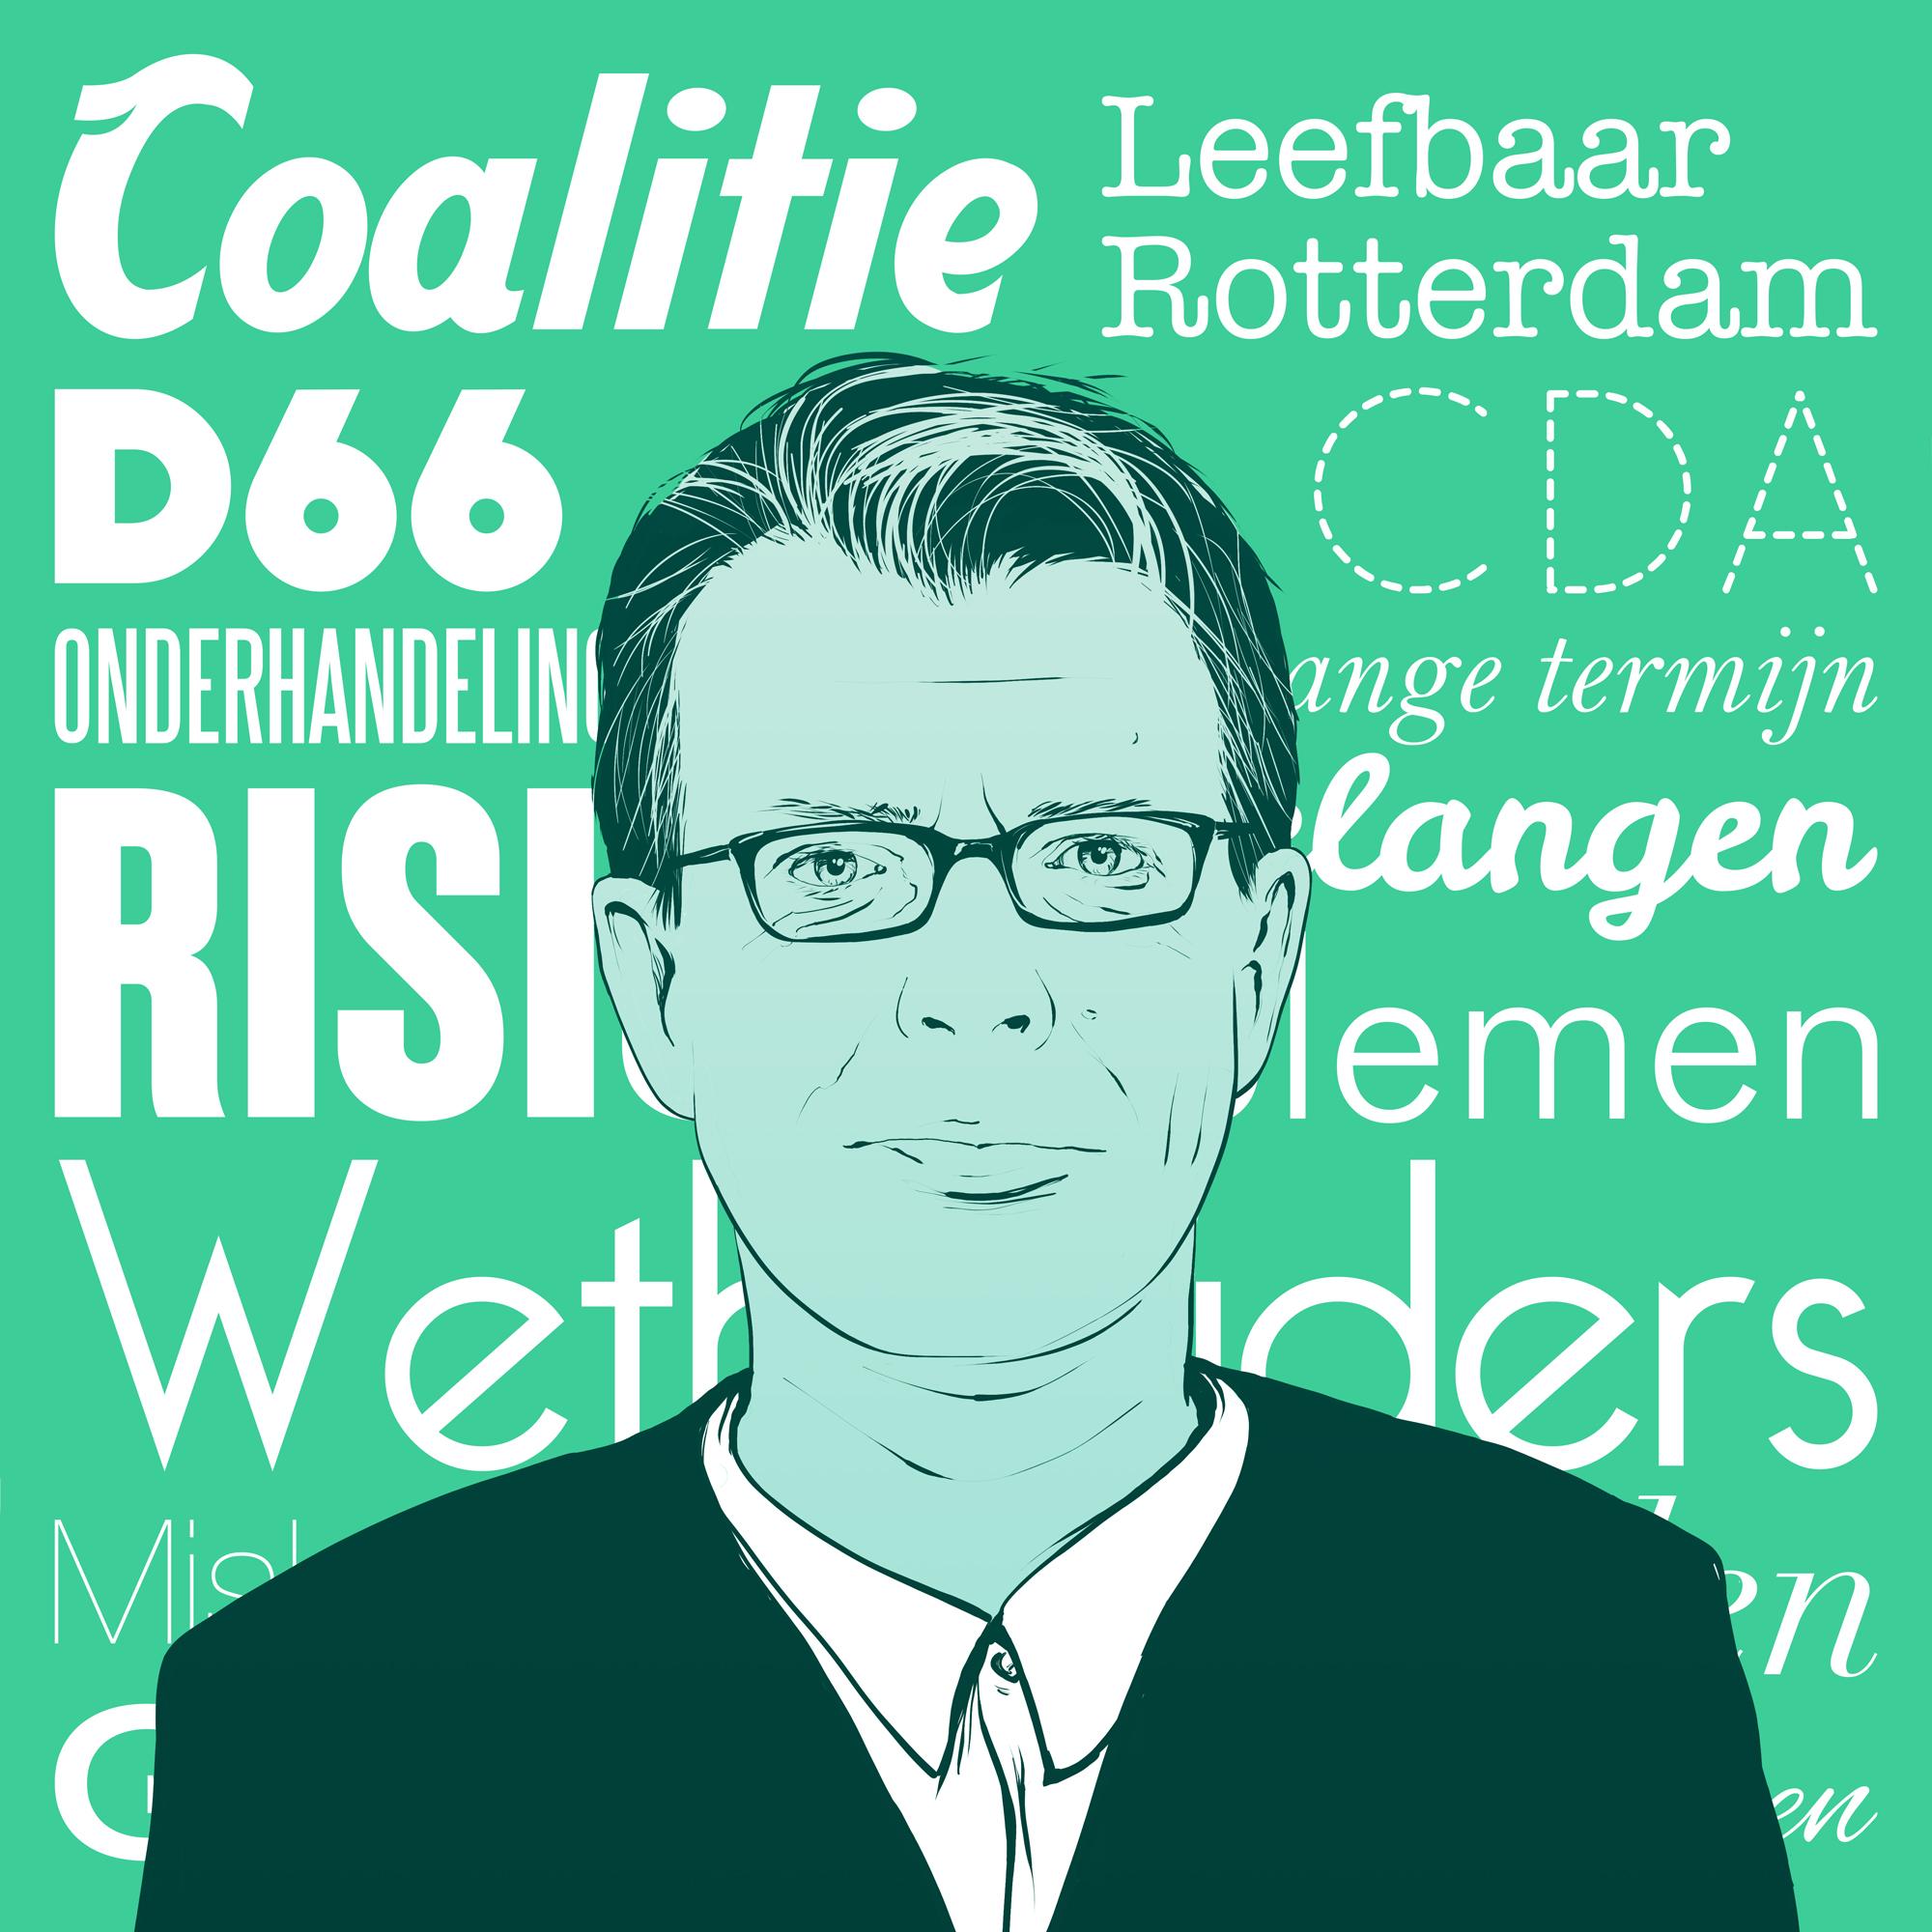 Peter van Heemst